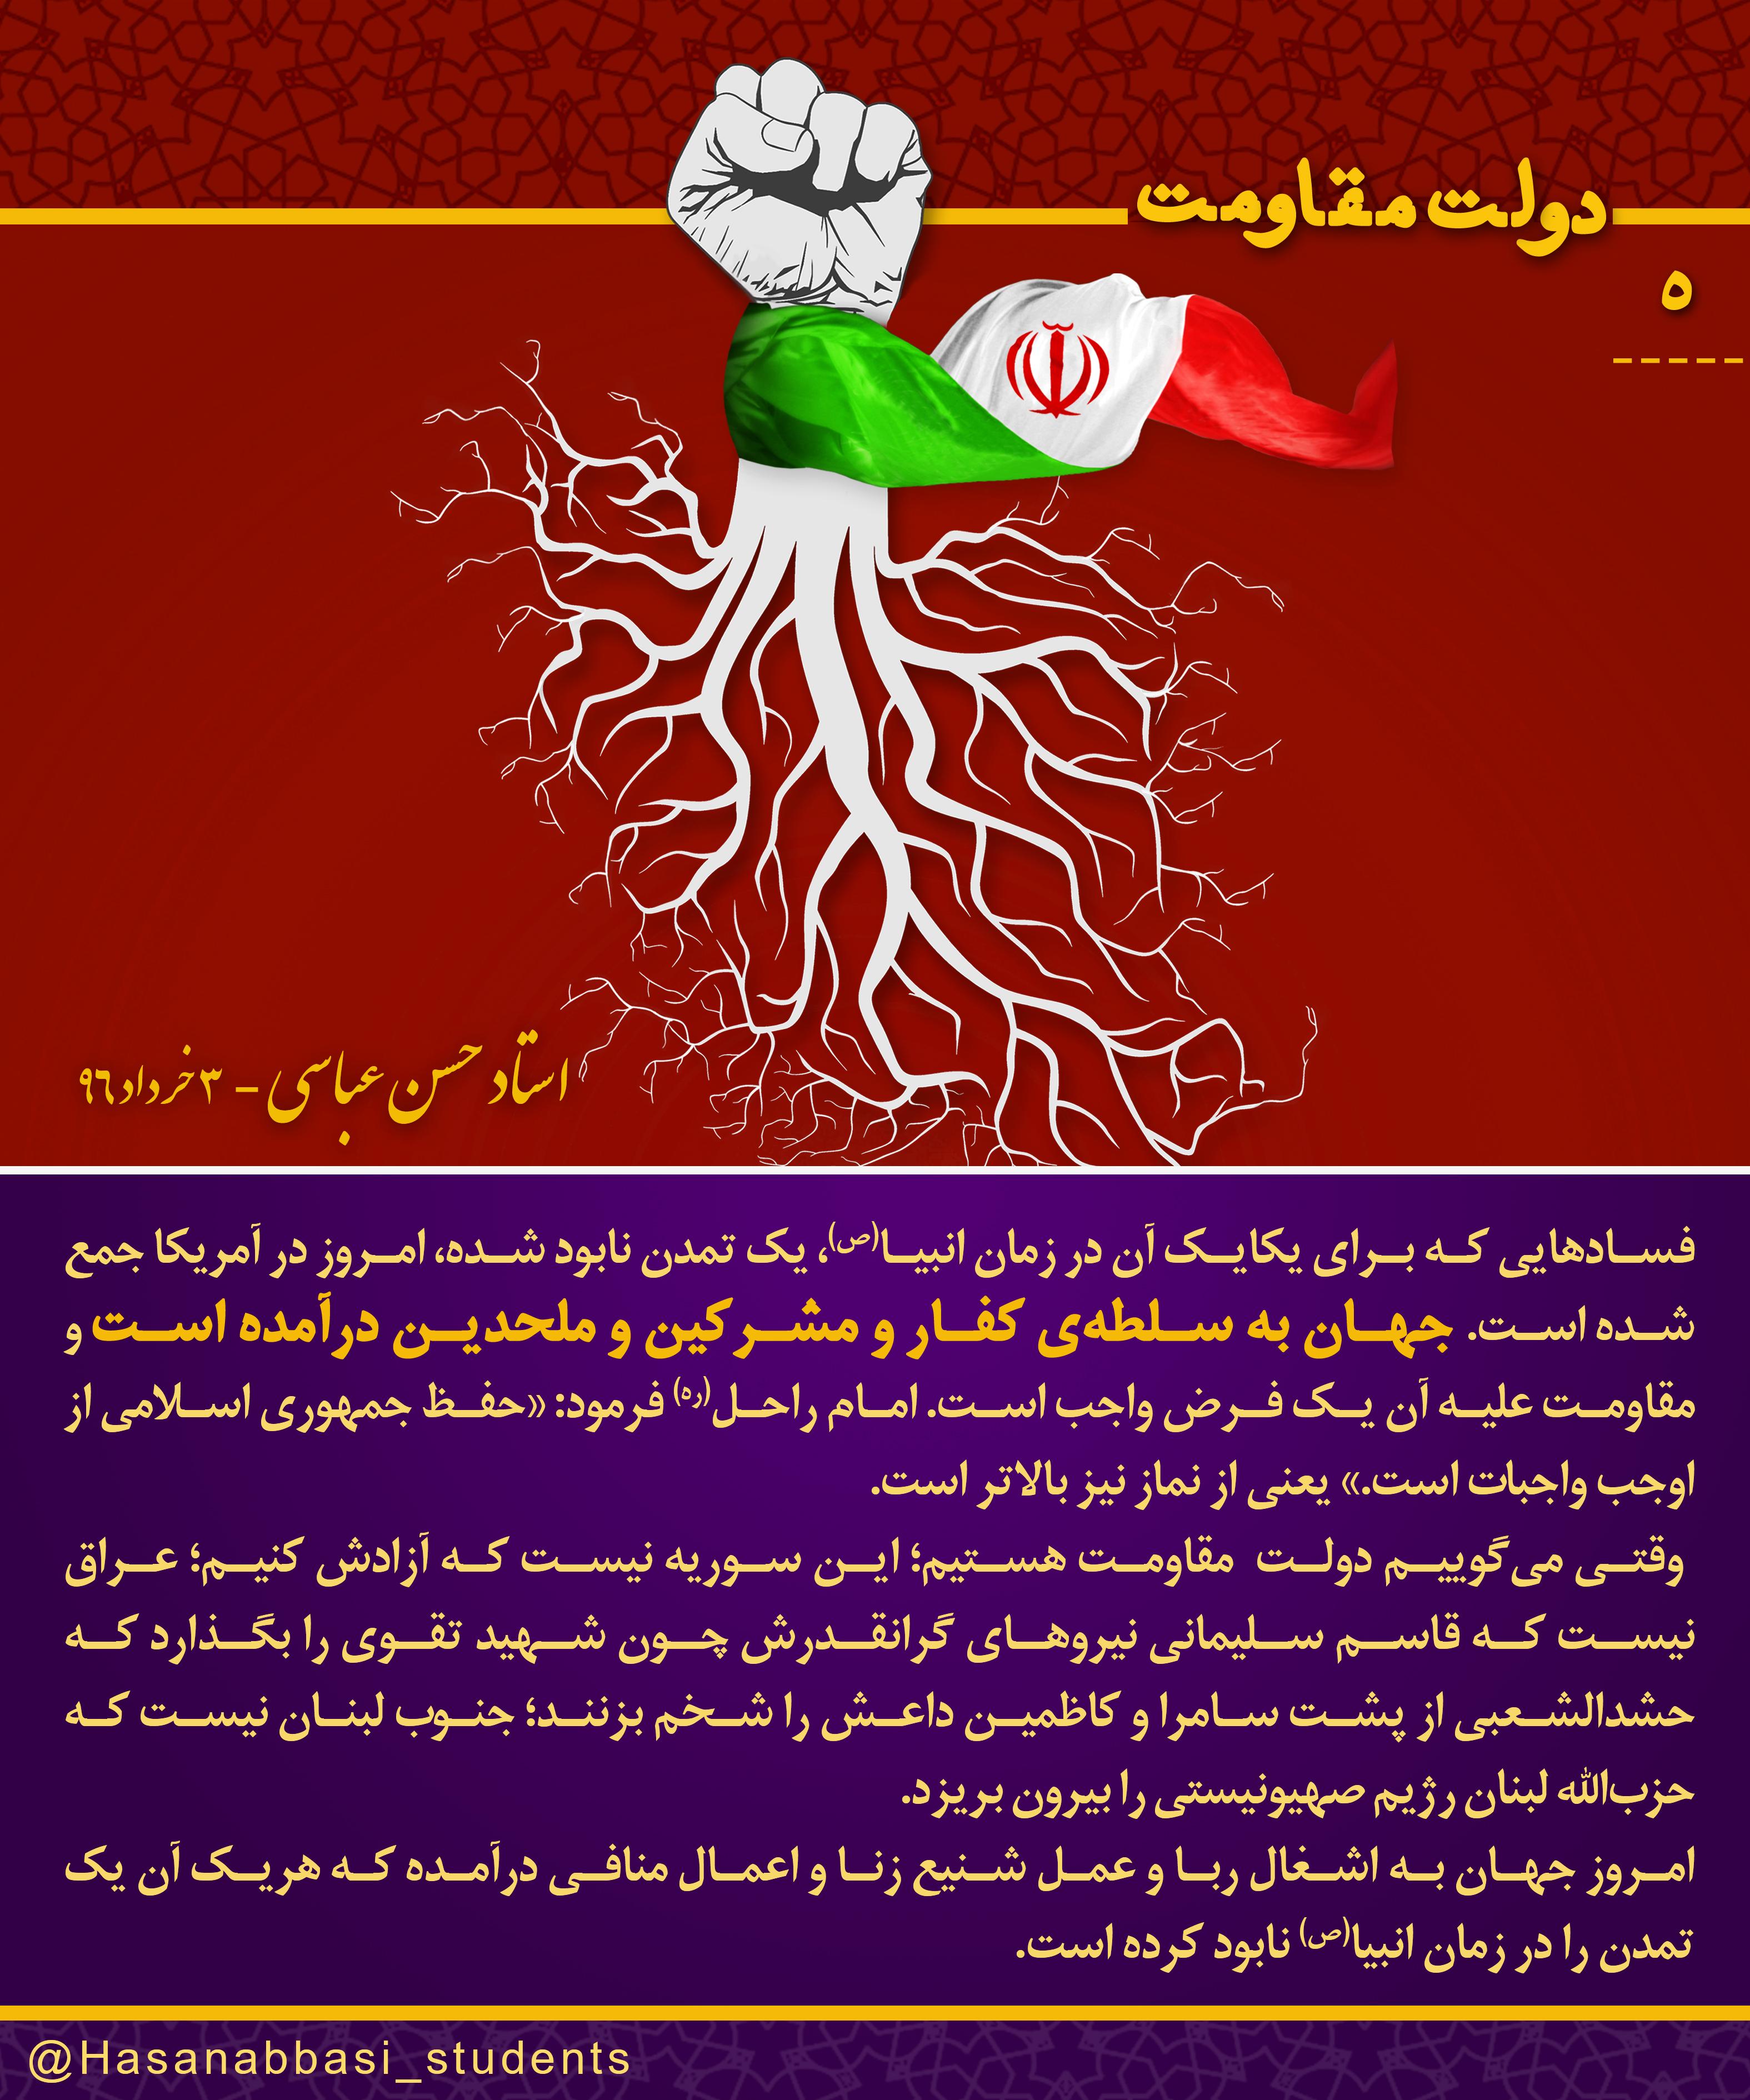 دولت مقاومت ۵ - امروز جهان به اشغال #ربا و عمل شنیع #زنا درآمده که هریک از آن در زمان انبیا(ص) تمدنی را نابود کرده است.